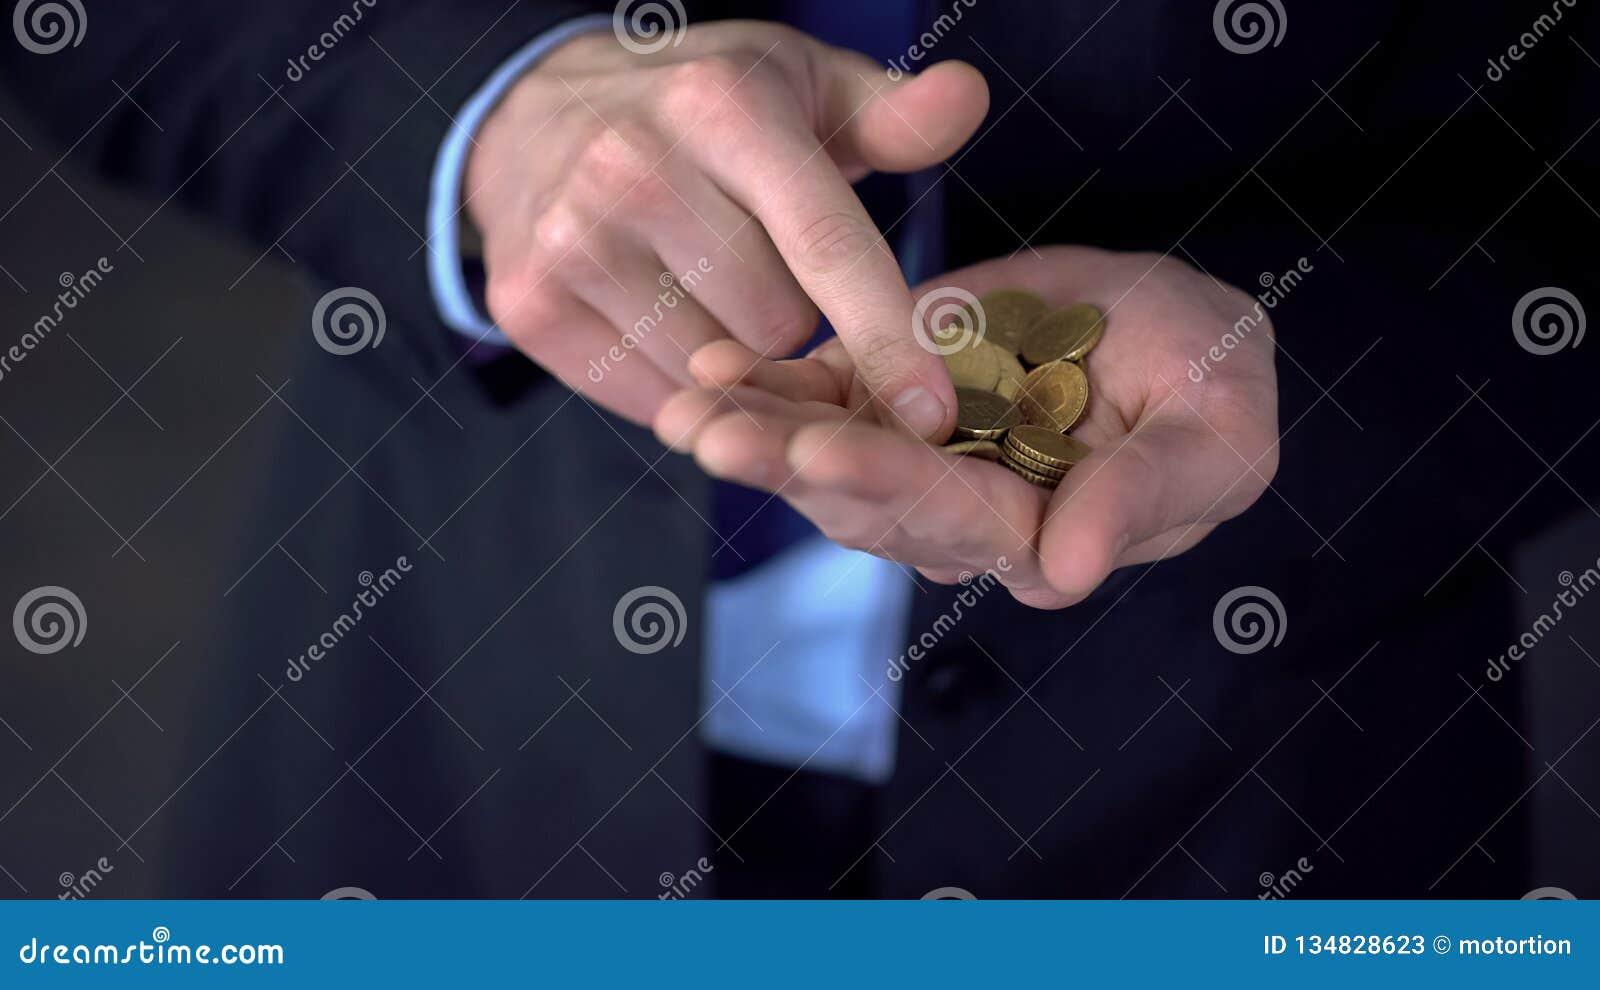 Το άτομο με τα μεσαίου εισοδήματος μετρώντας νομίσματα, χαμηλός μισθός, δαπάνες υπερβαίνει τα εισοδήματα